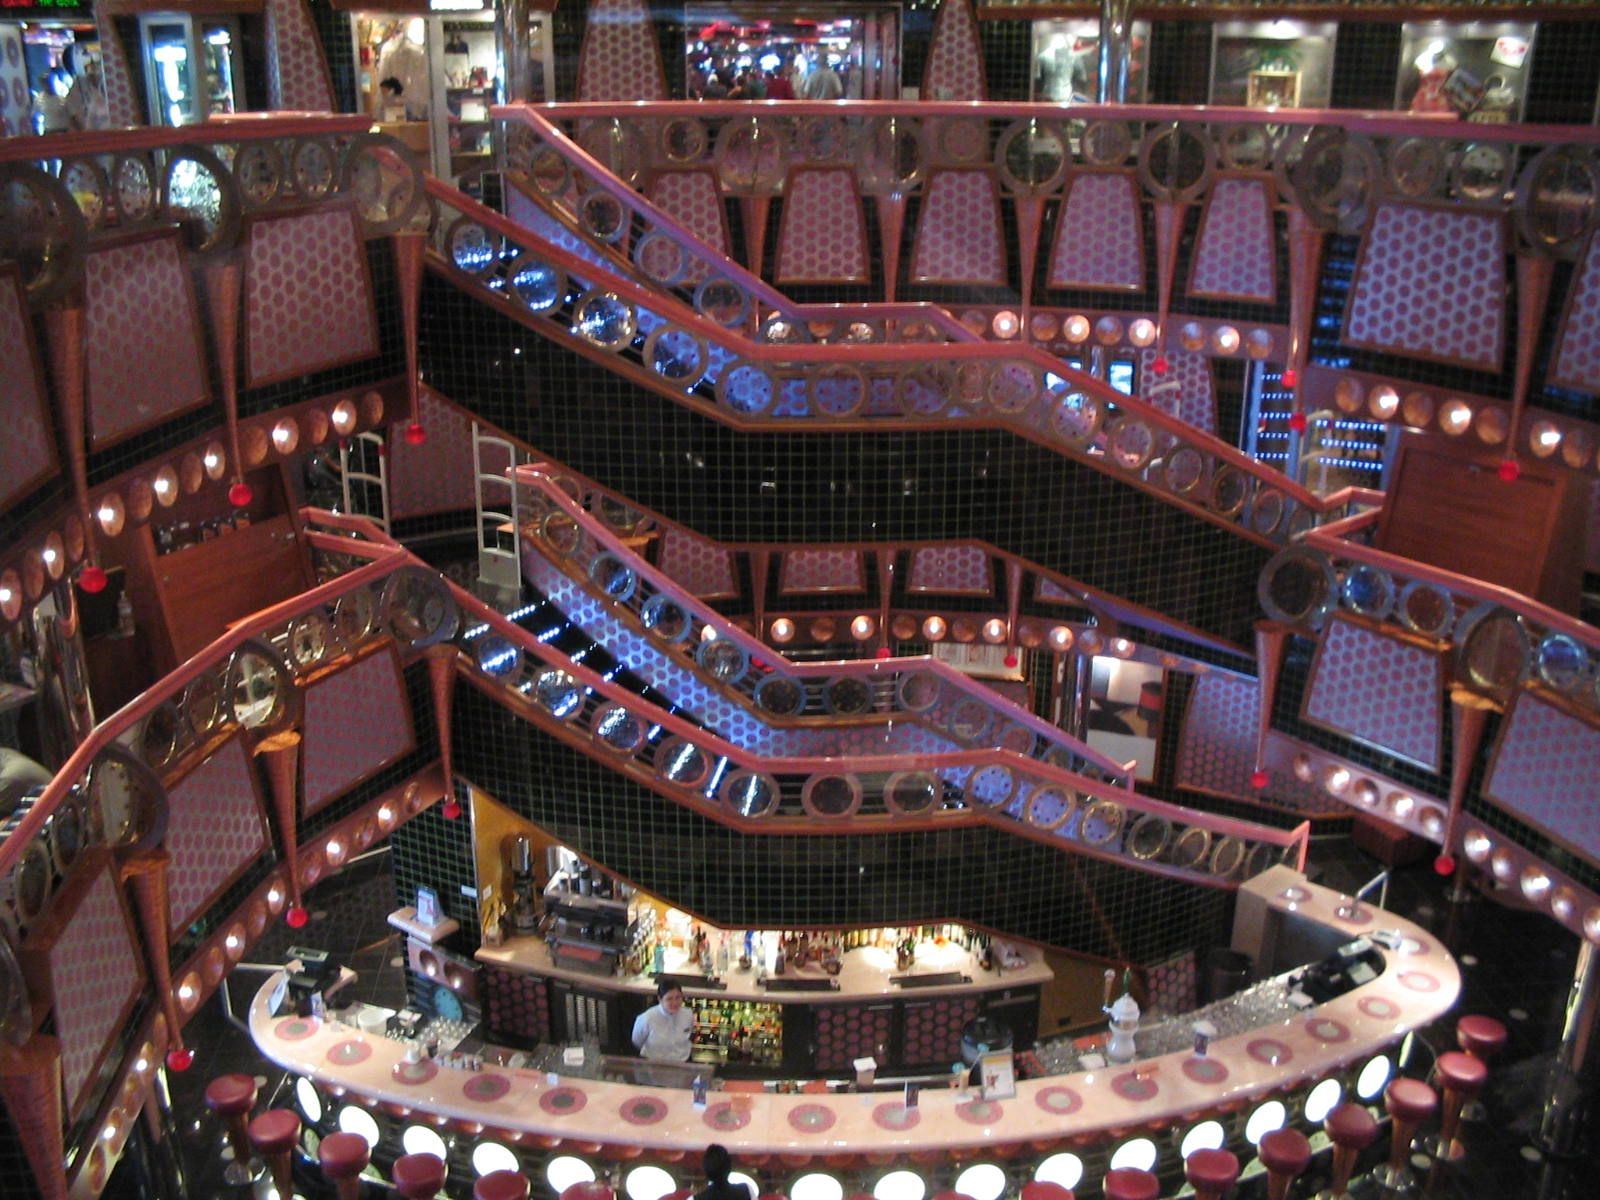 Image Detail For Carnival Splendor Review Carnival Cruise Lines - Pictures of carnival splendor cruise ship